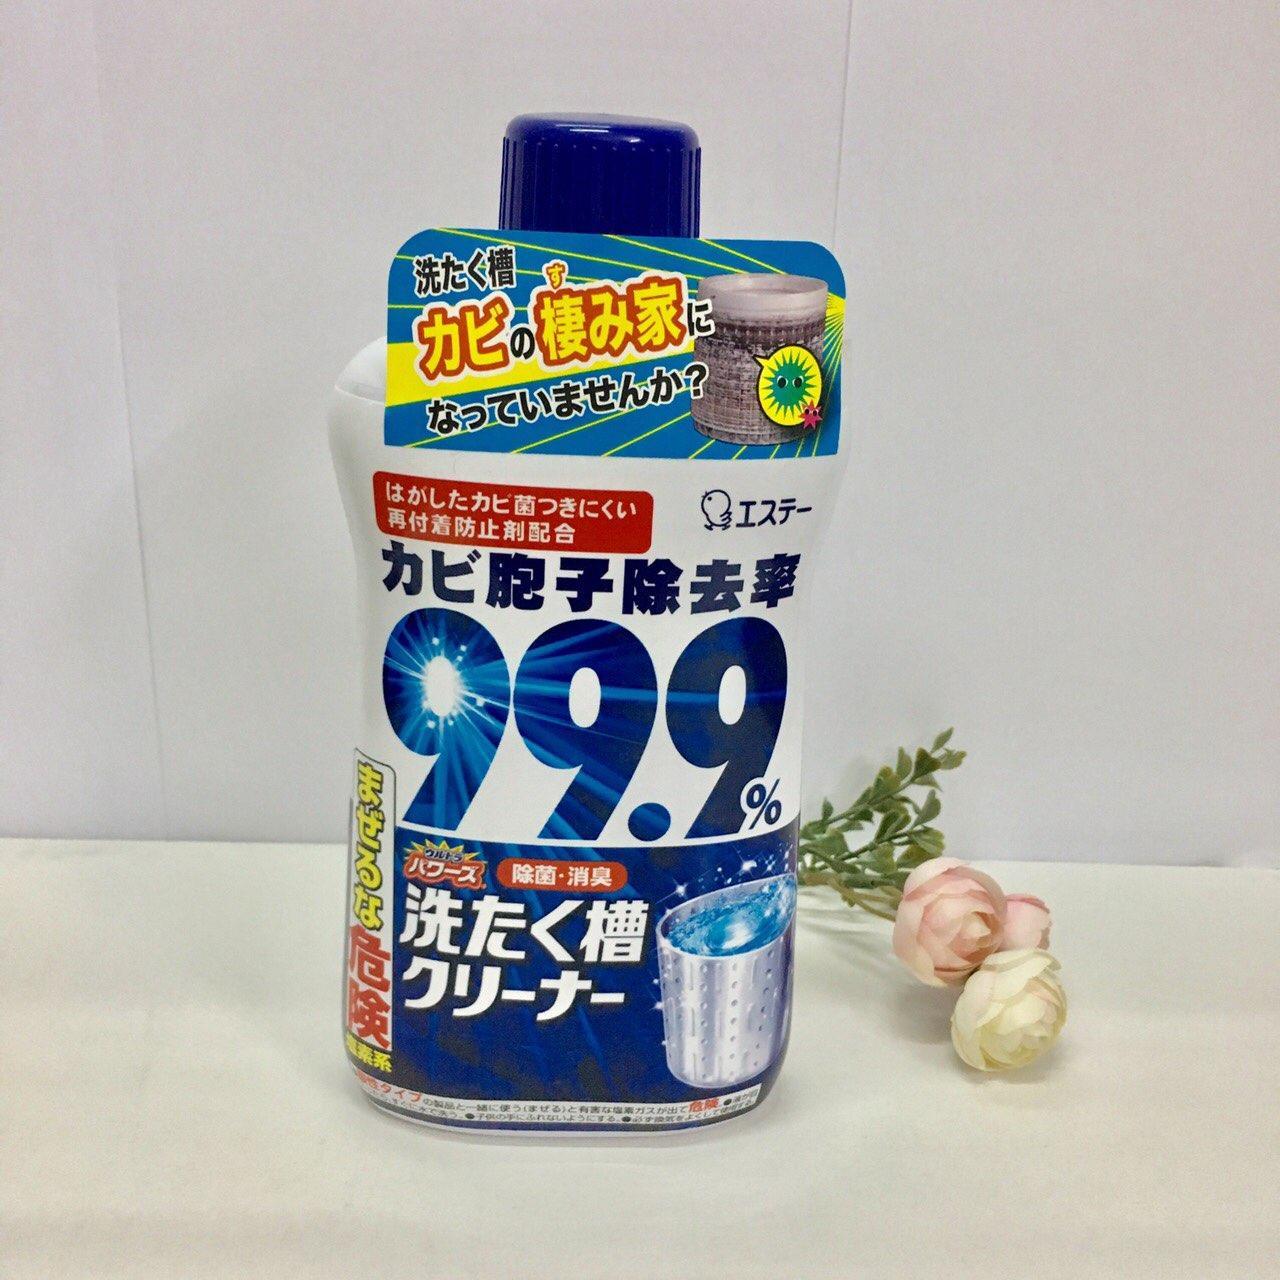 Chai tẩy lồng giặt siêu sạch Ultra Powers cao cấp 550gr (Hàng Nhật nội địa)